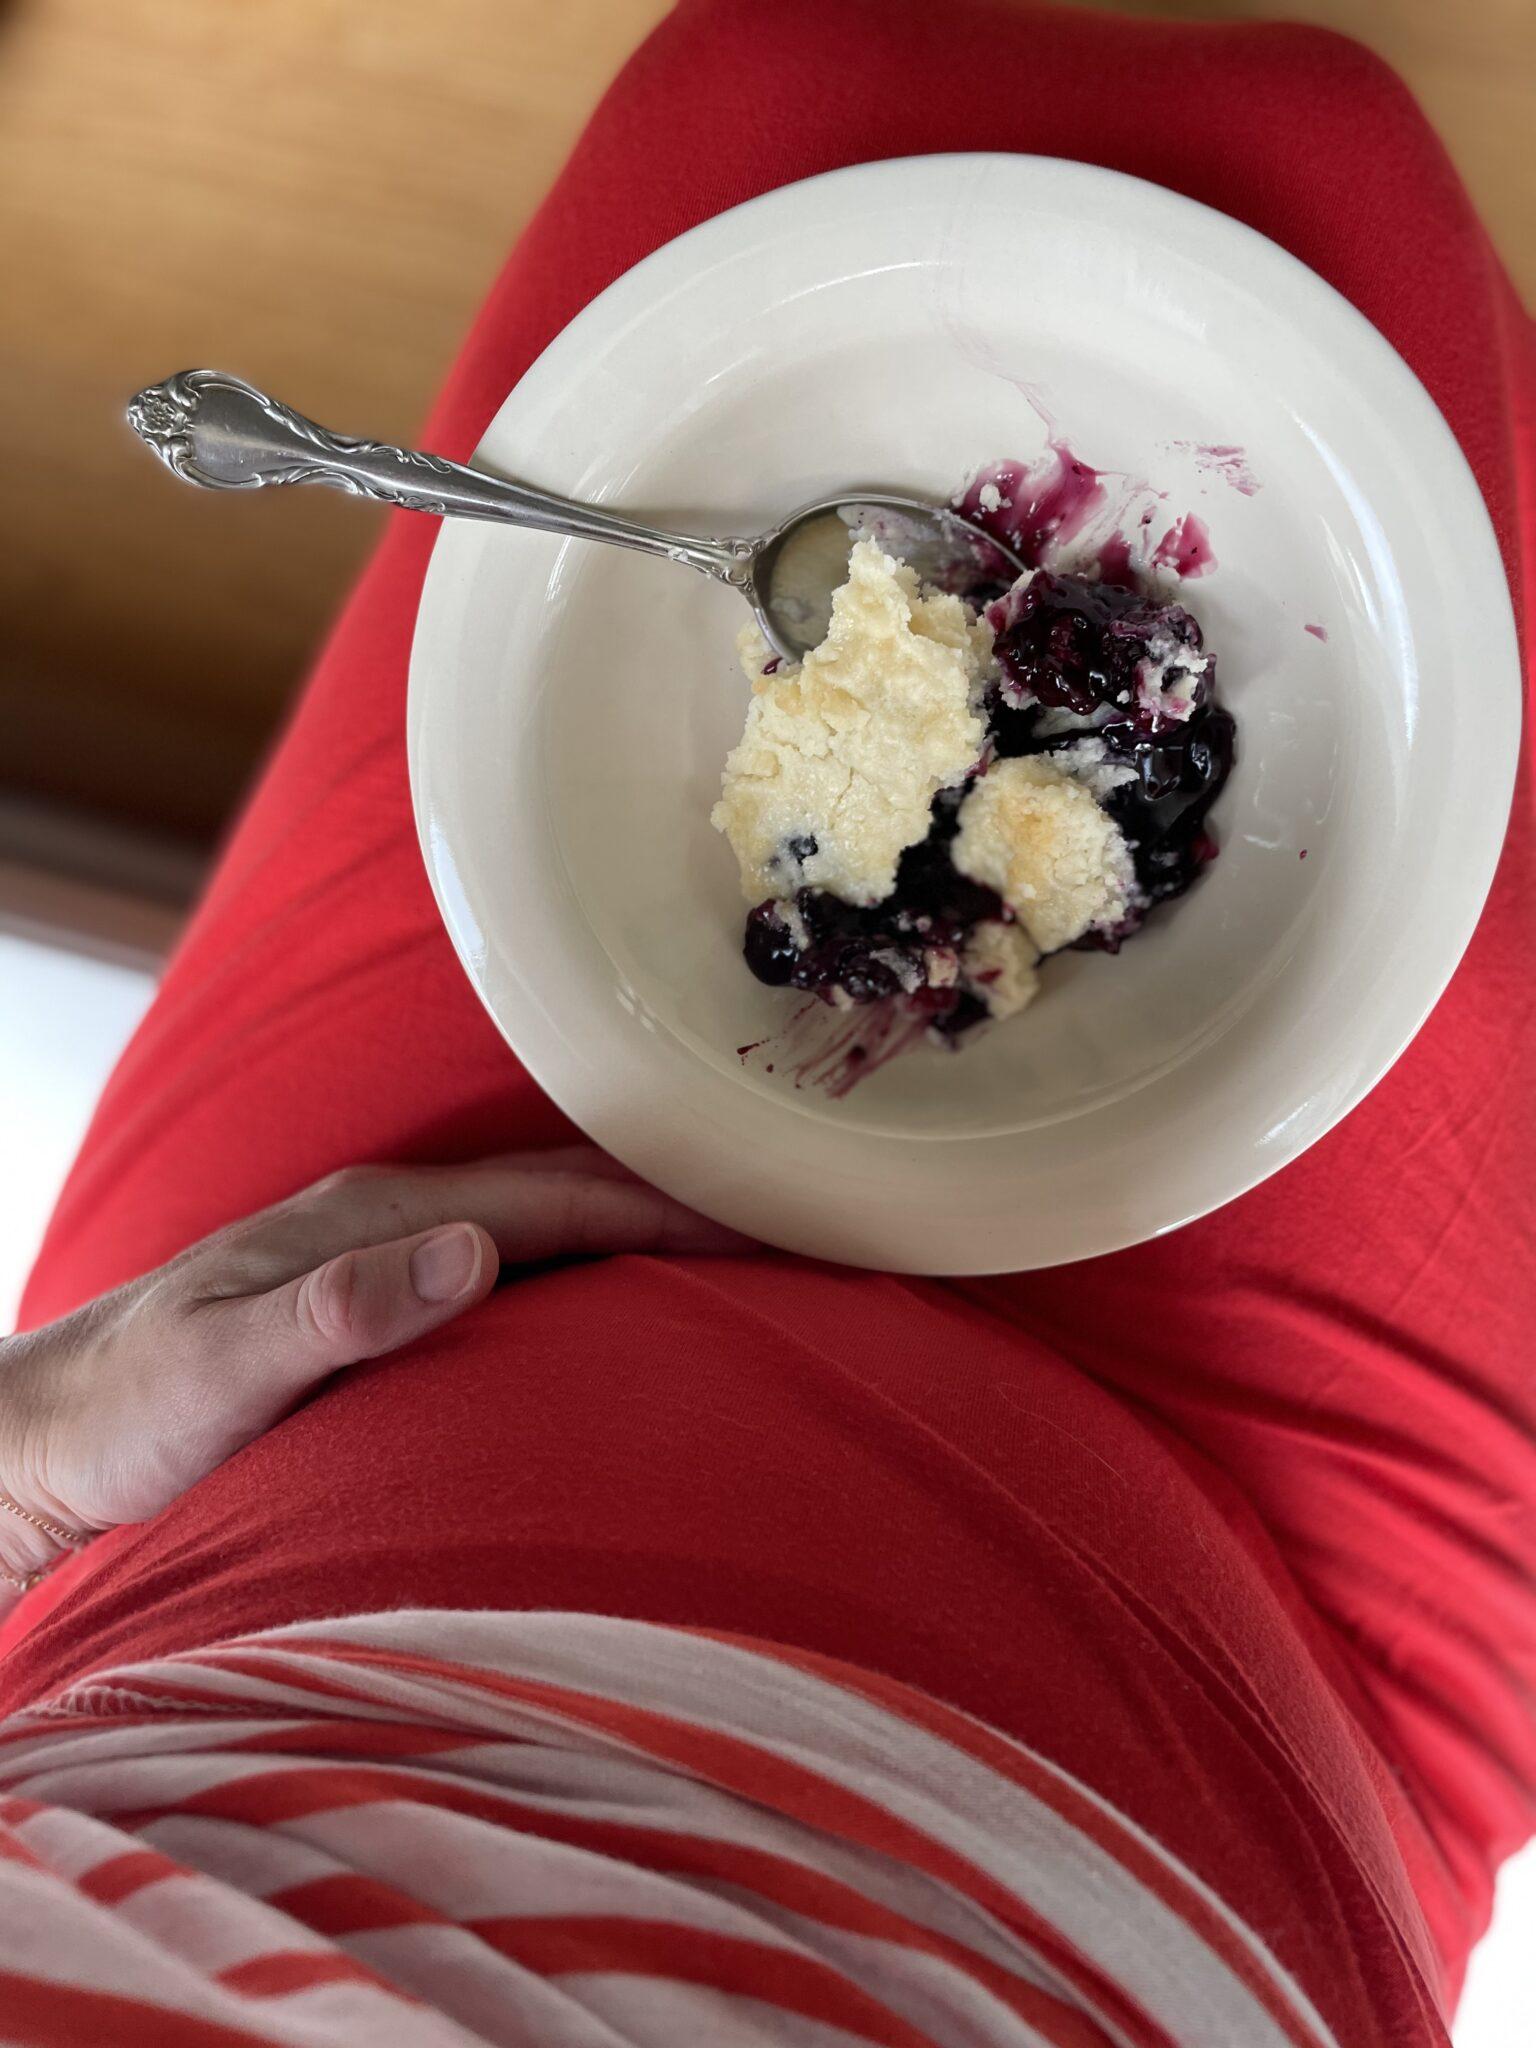 Blackberry Blueberry Cobbler